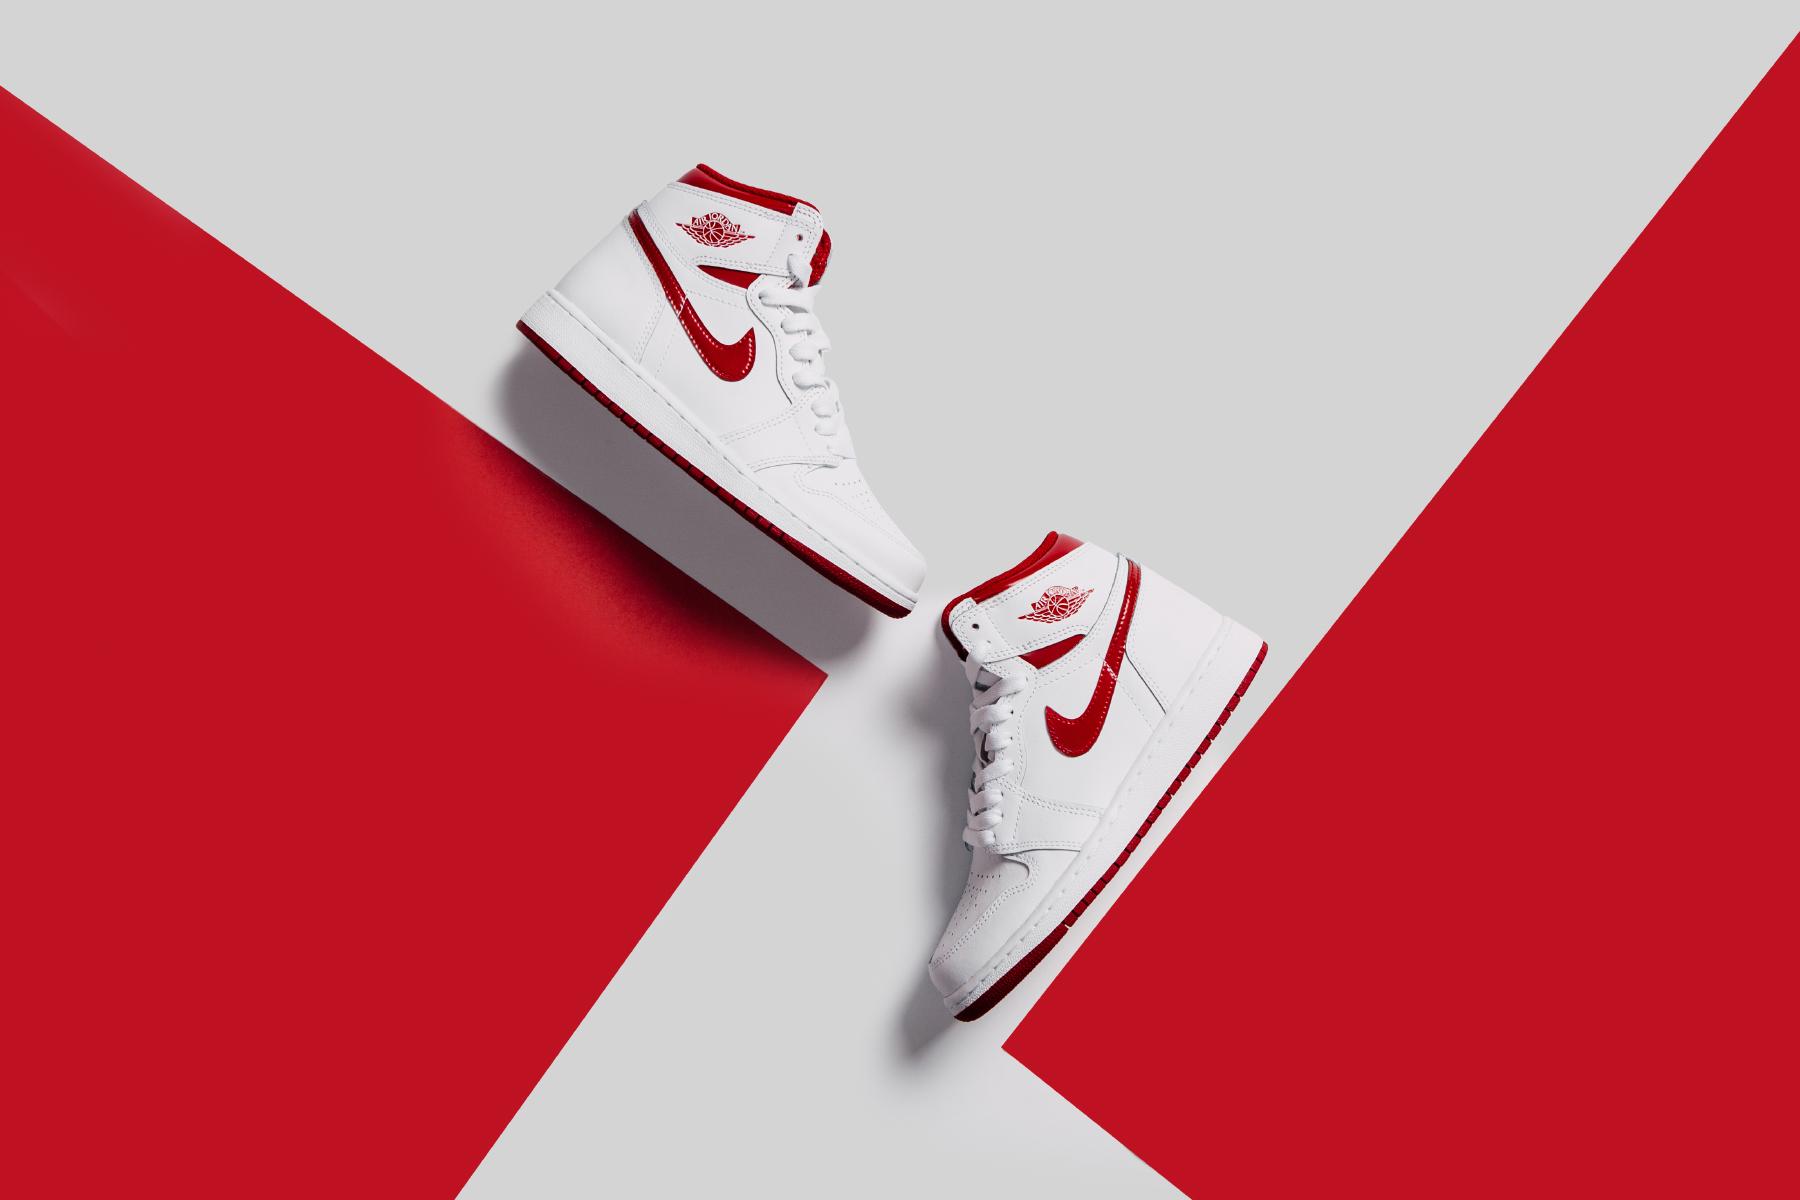 Air Jordan 1 Retro High OG Youth - White Varsity Red_0382.jpg